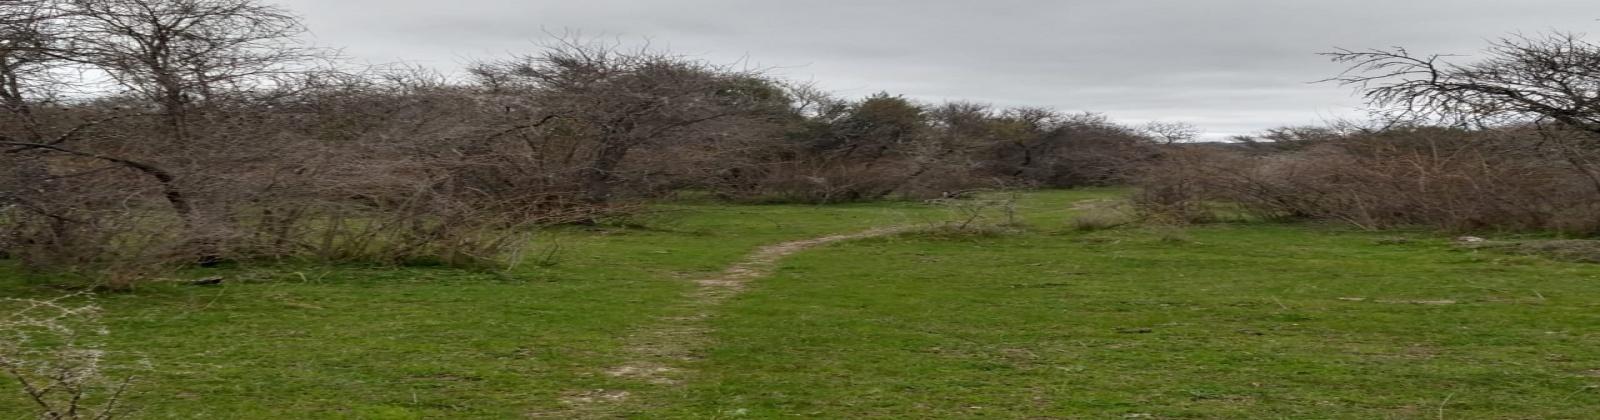 Cruce la Patagua, Pocillas, Cauquenes, Región VII - Maule, ,Terreno,Venta,Cruce la Patagua, Pocillas,1029